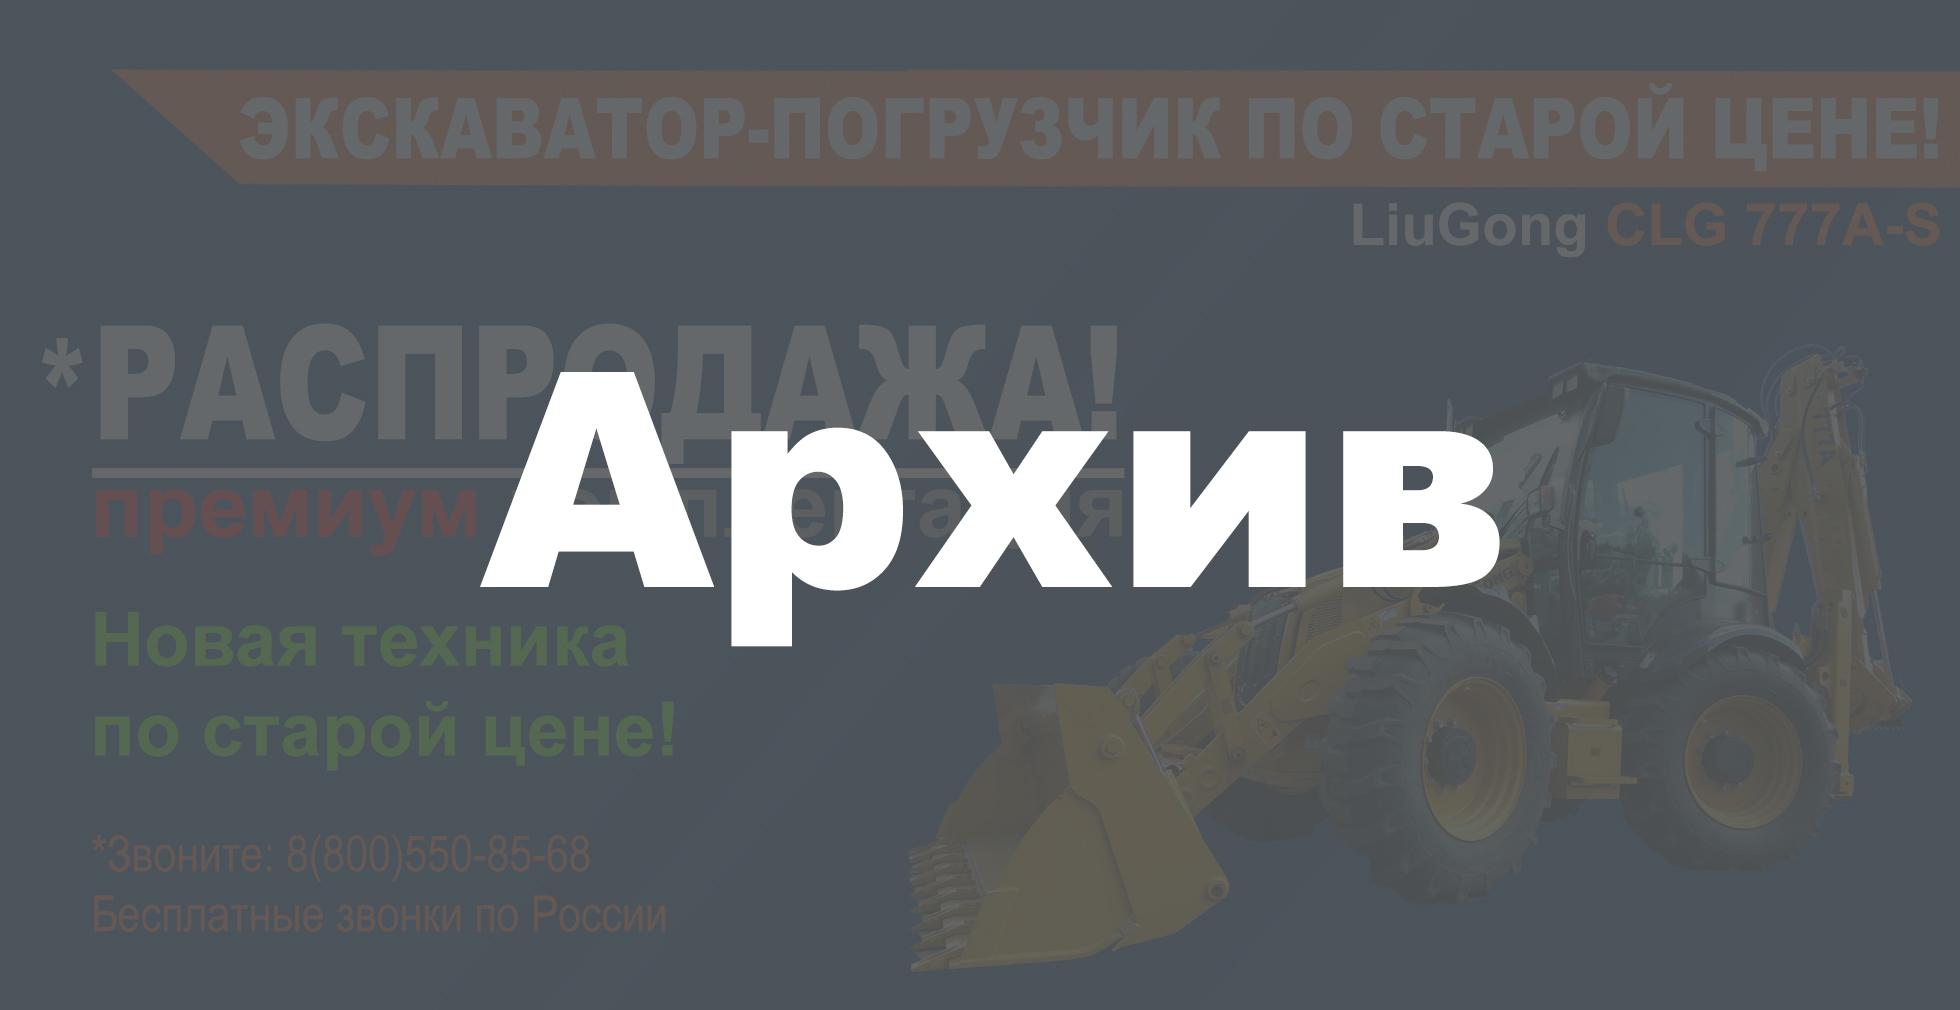 Шаблон-Архив-Экскаватор-Погрузчики